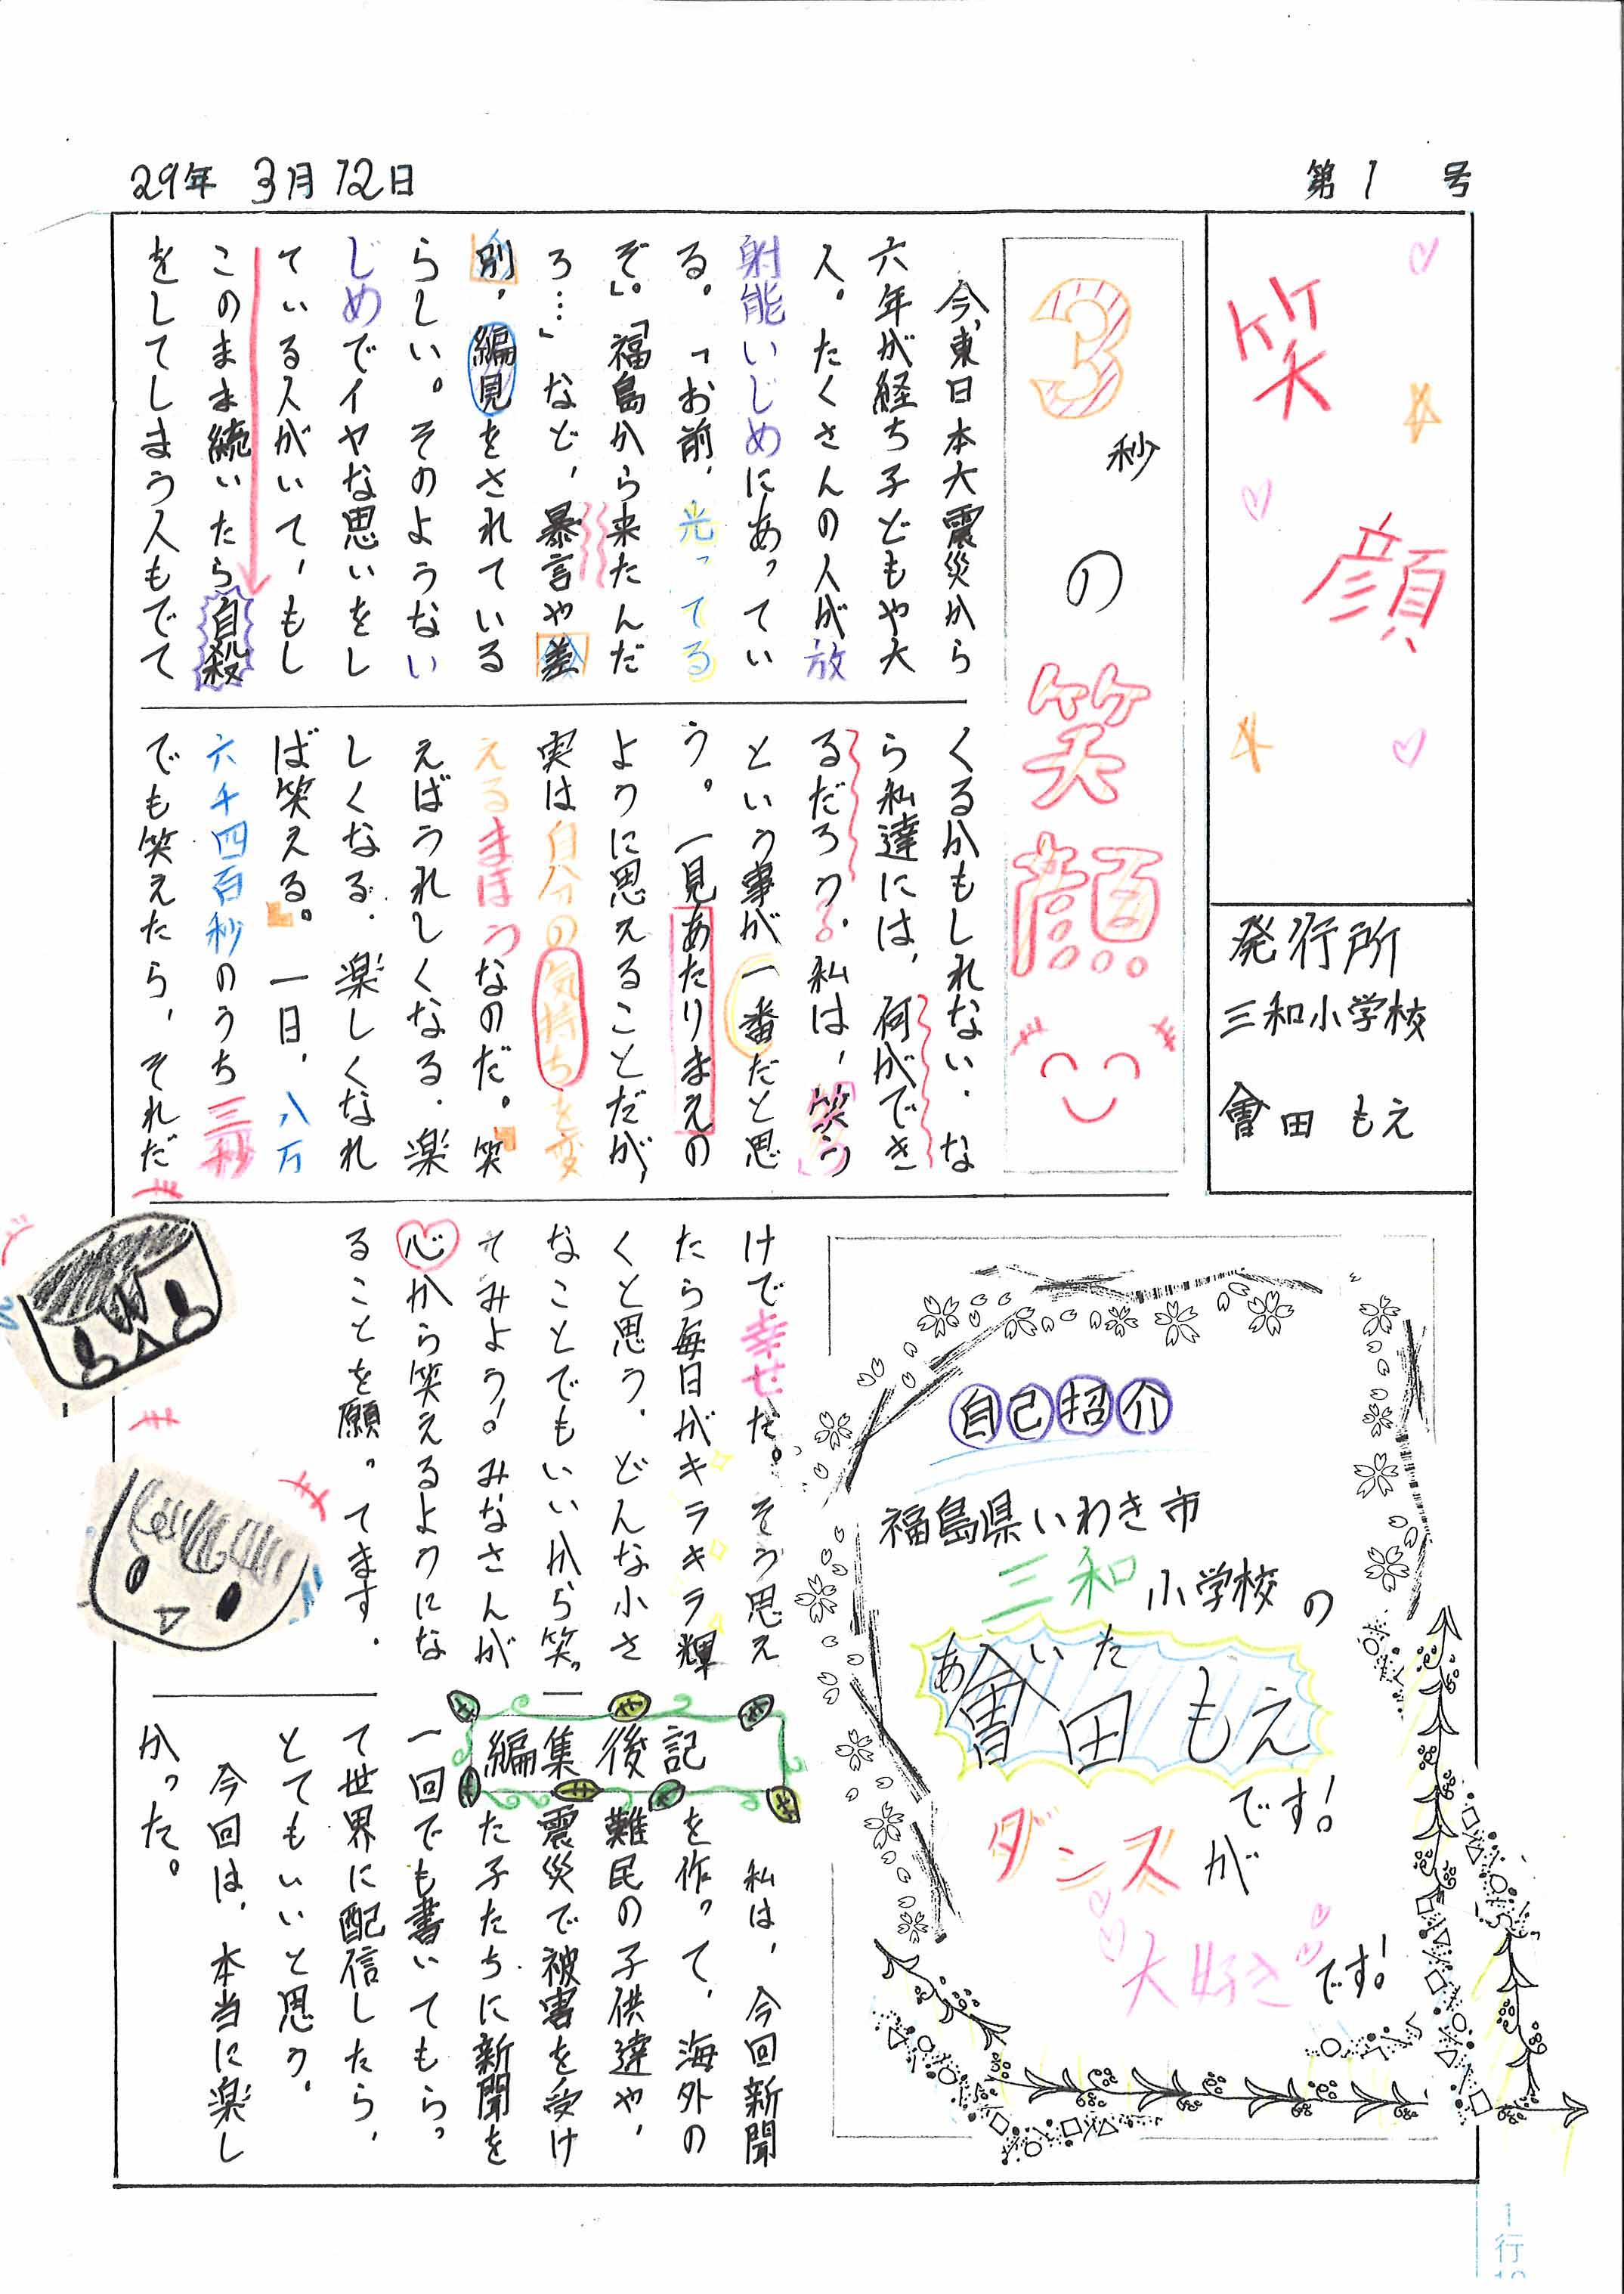 http://bunp.47news.jp/event/images/min1012_006.jpg